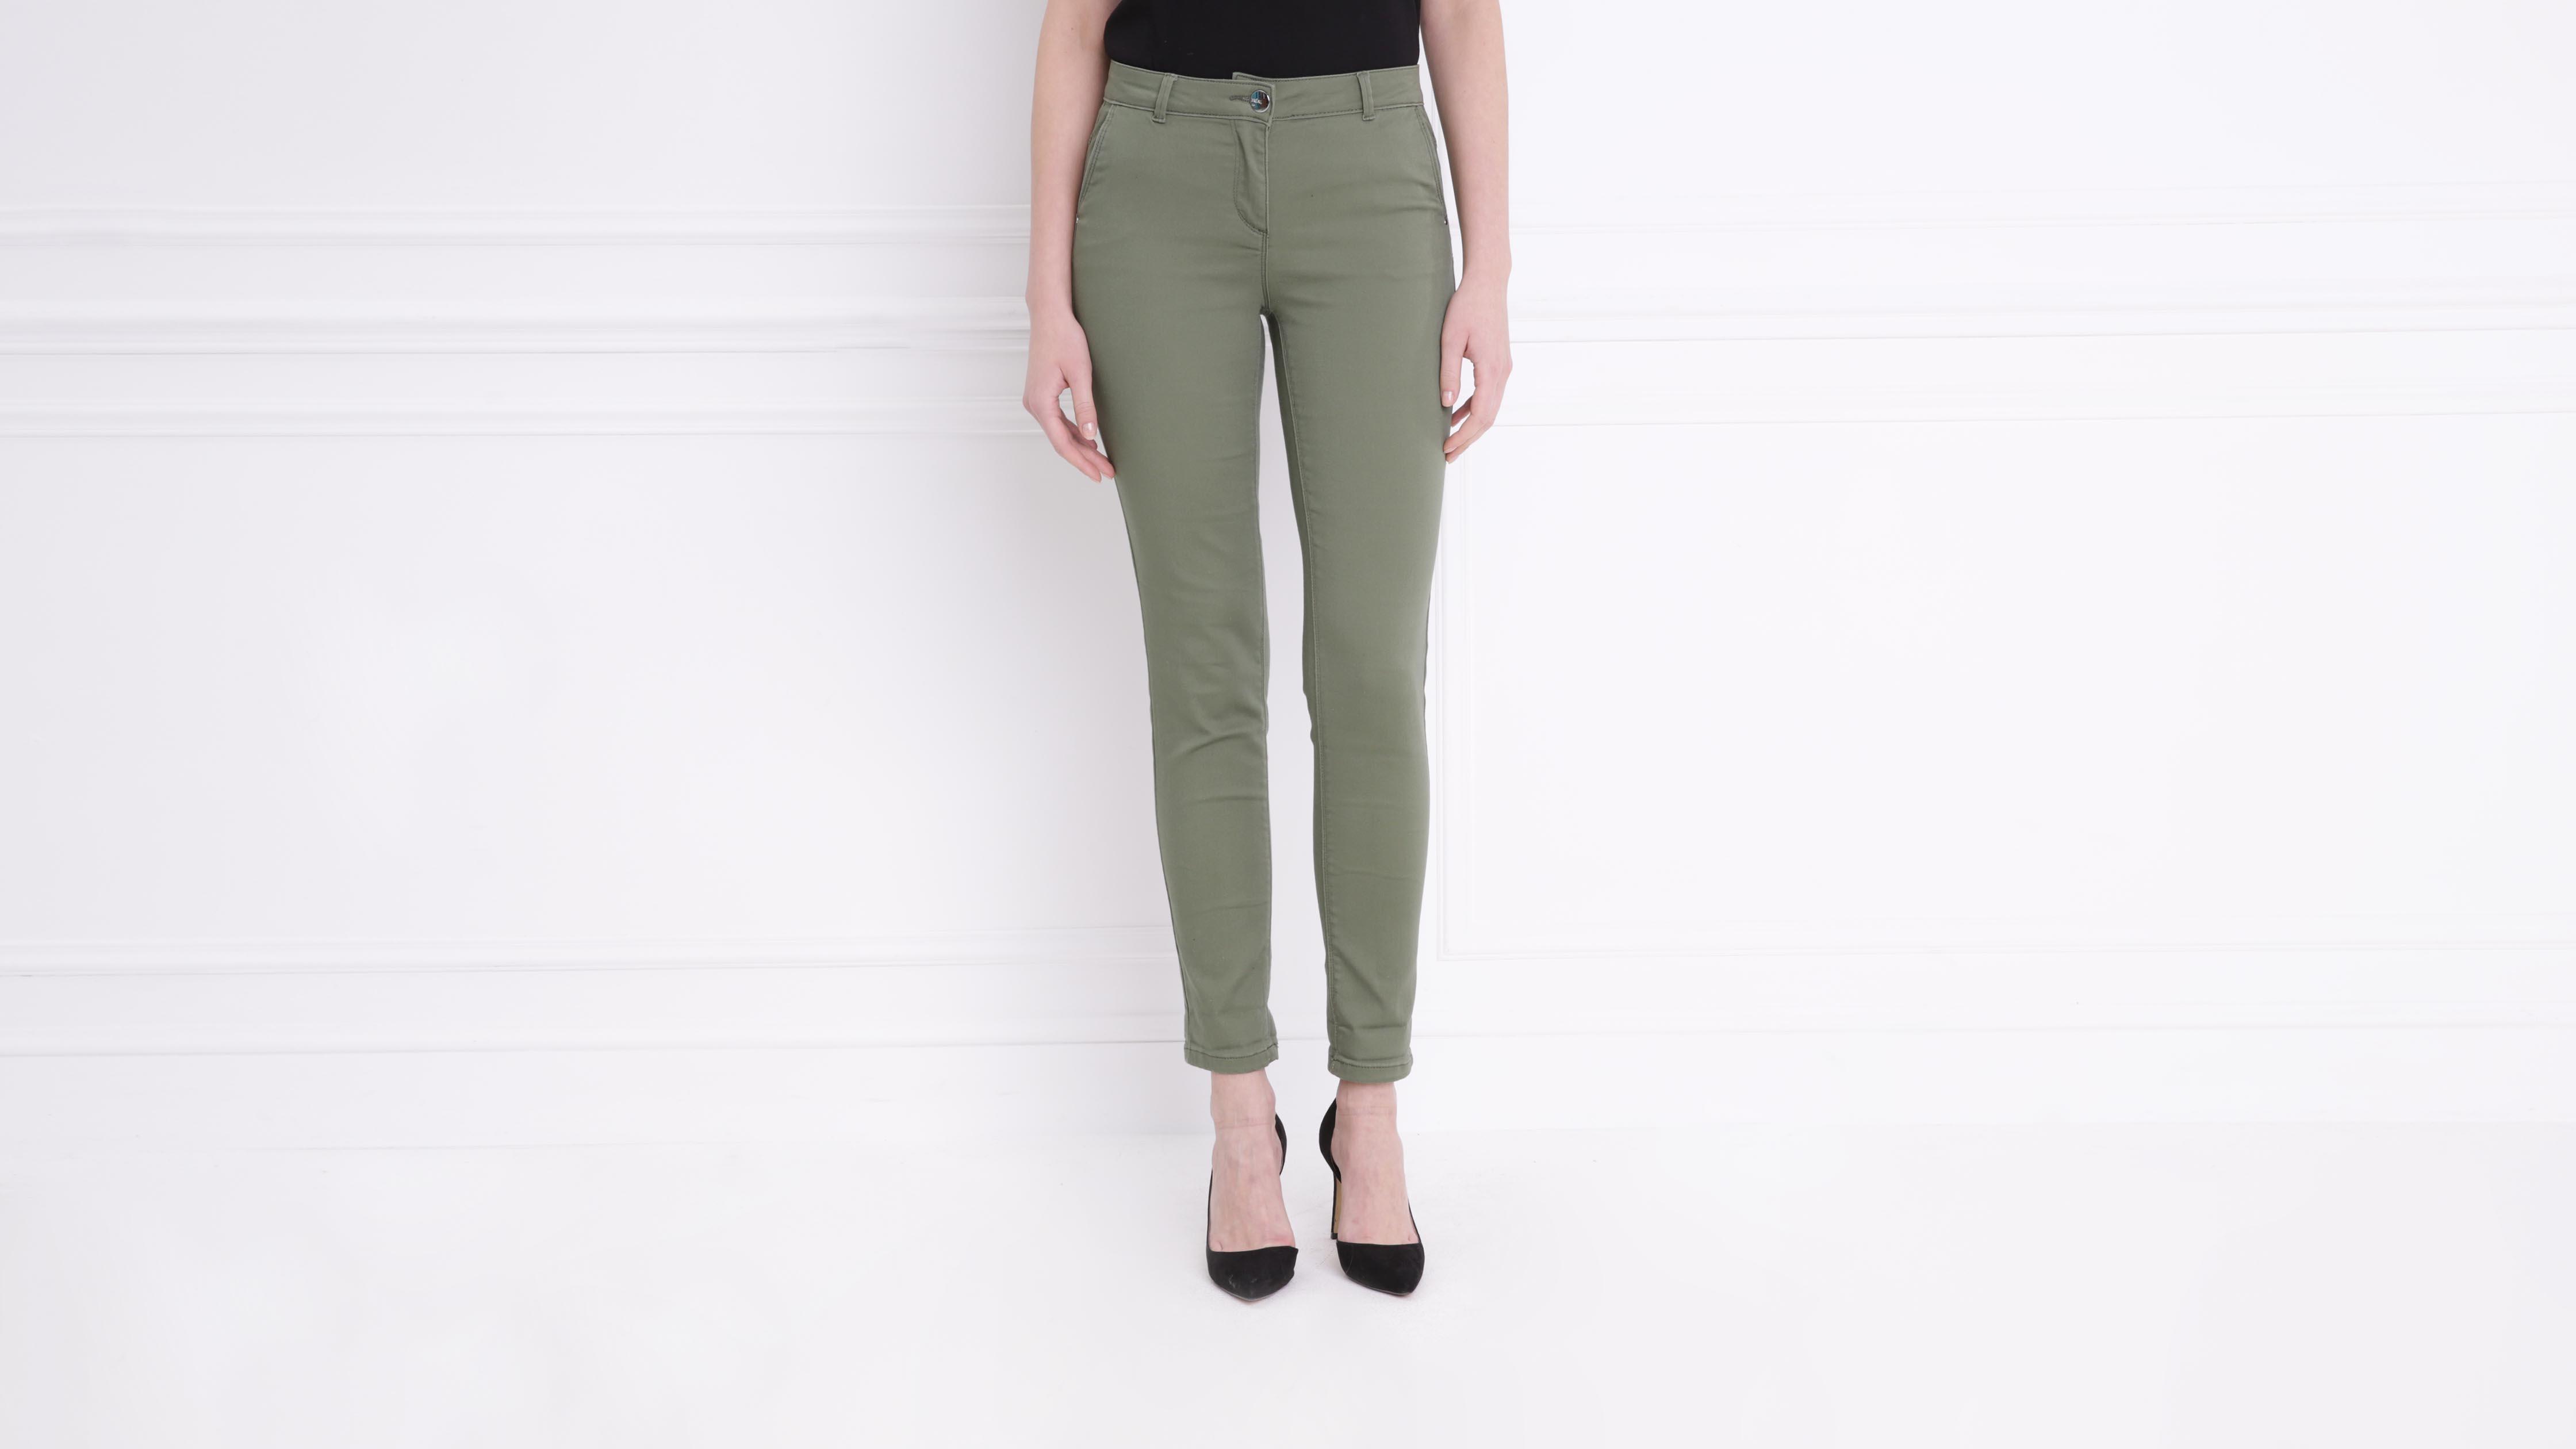 Pantalon Standard Kaki Vert Taille Femme PuOZXiTk